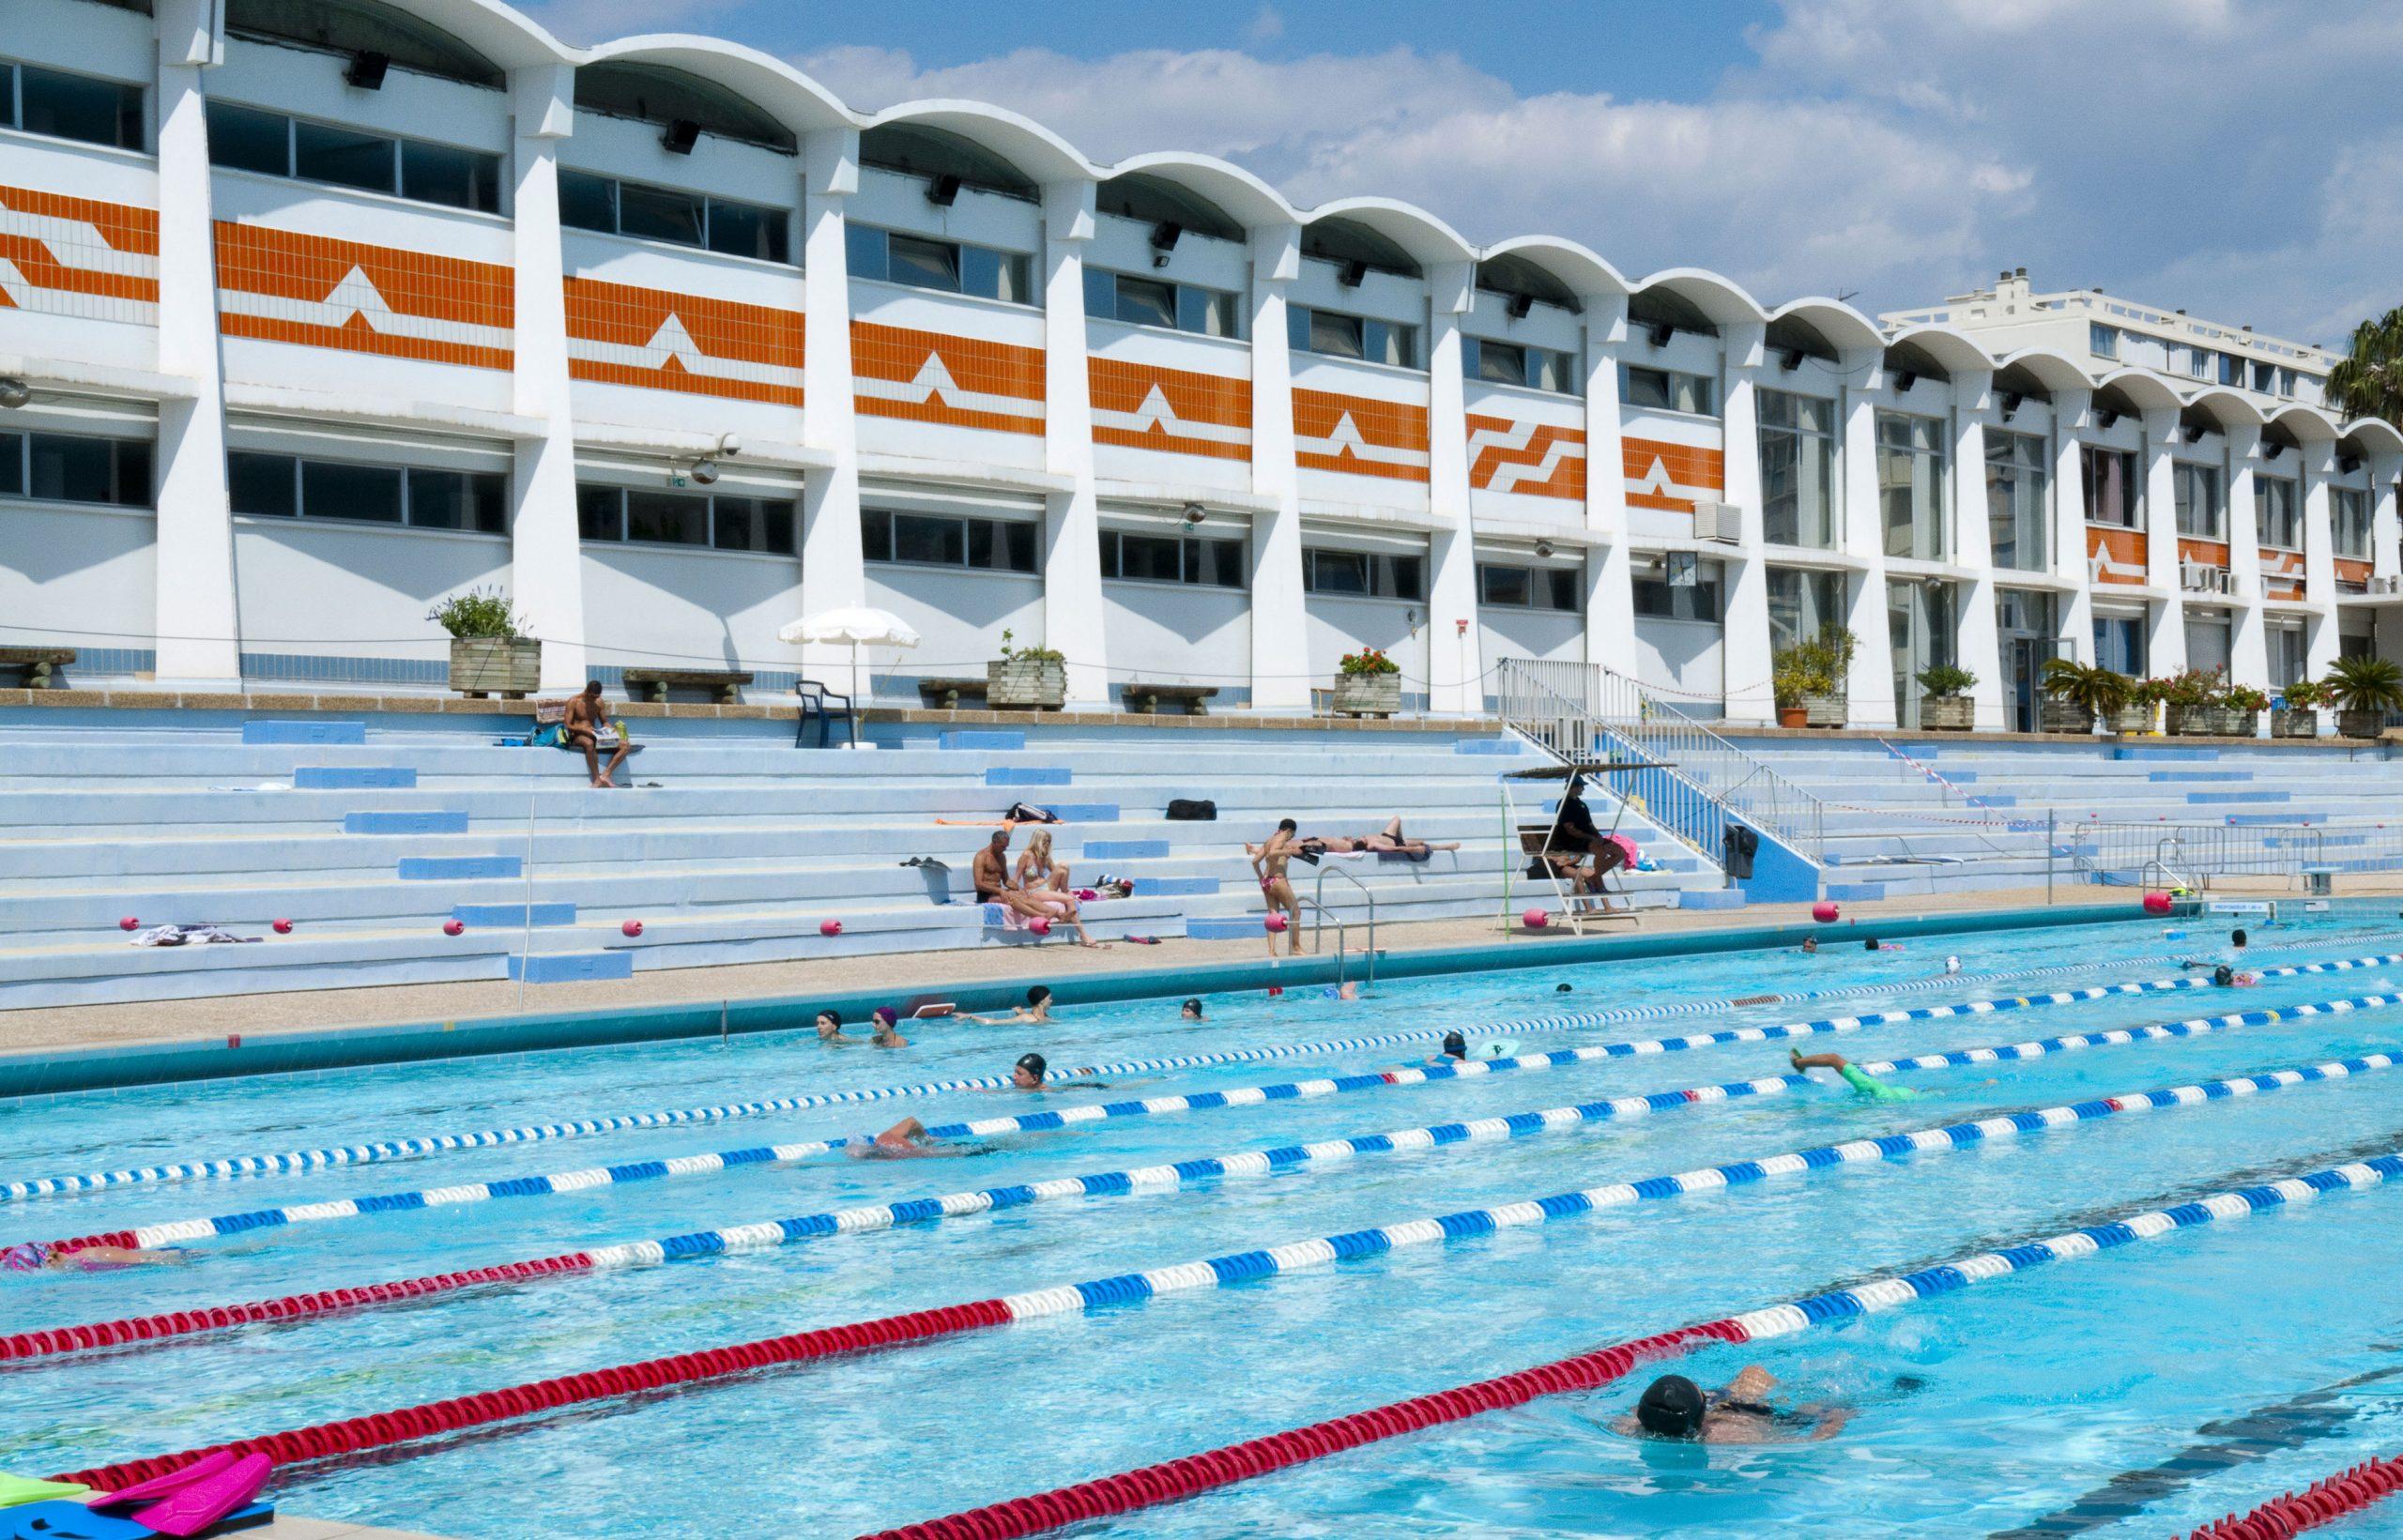 Tourisme : Un Week-End Déco-Design À Toulon… - Page 3 Of 3 ... avec Piscine Du Port Marchand